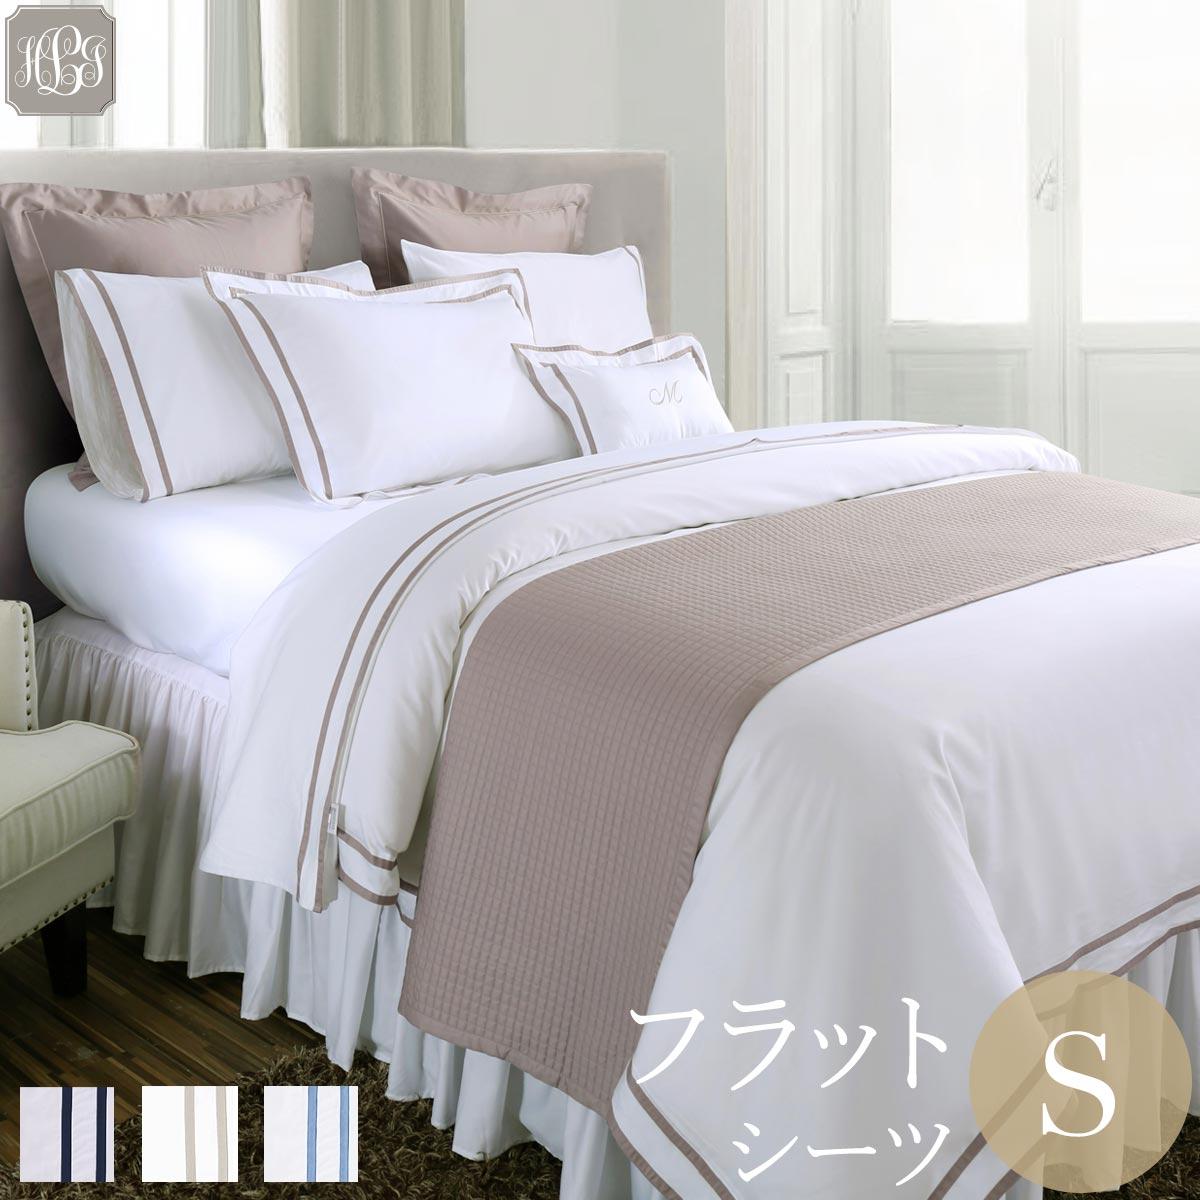 フラットシーツ シングル 160×280cm 400TC ホテル 綿100%【刺繍不可】 送料無料